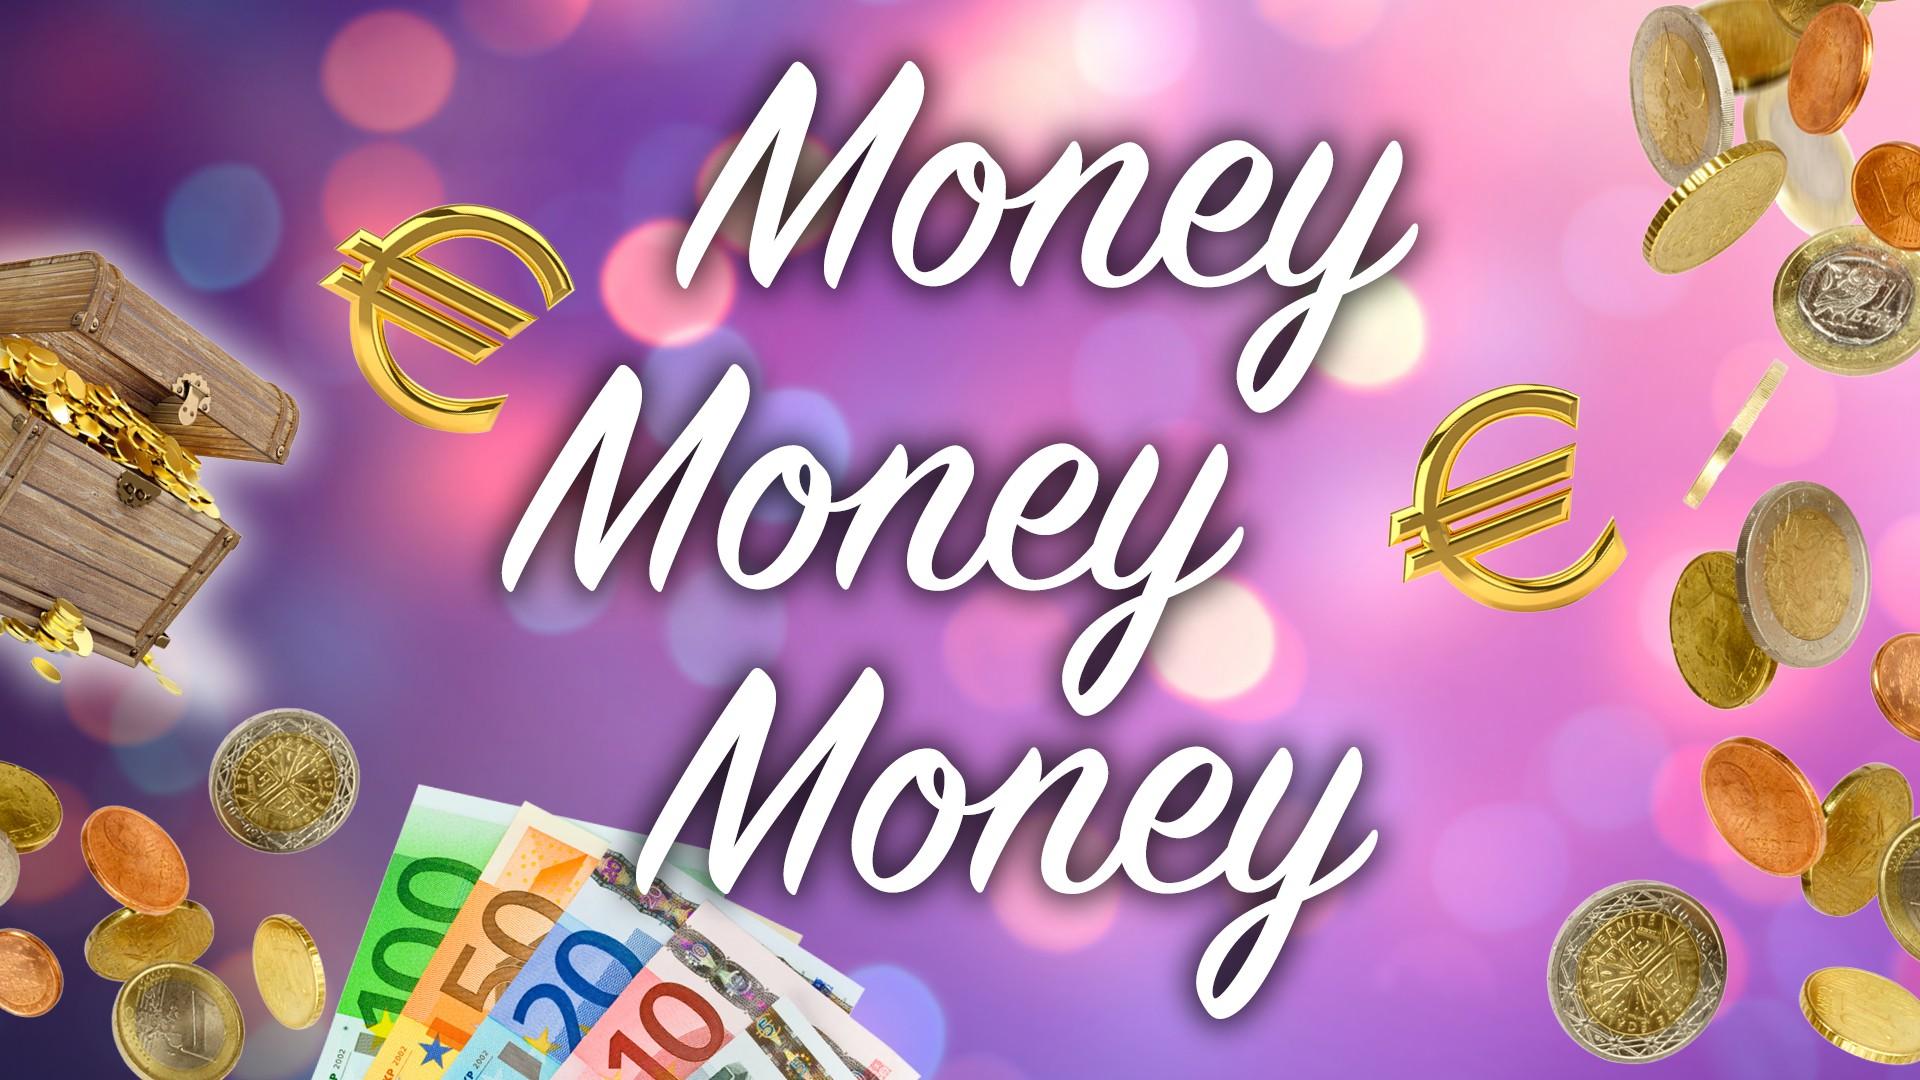 Moneymoneymoney_maart20.jpg